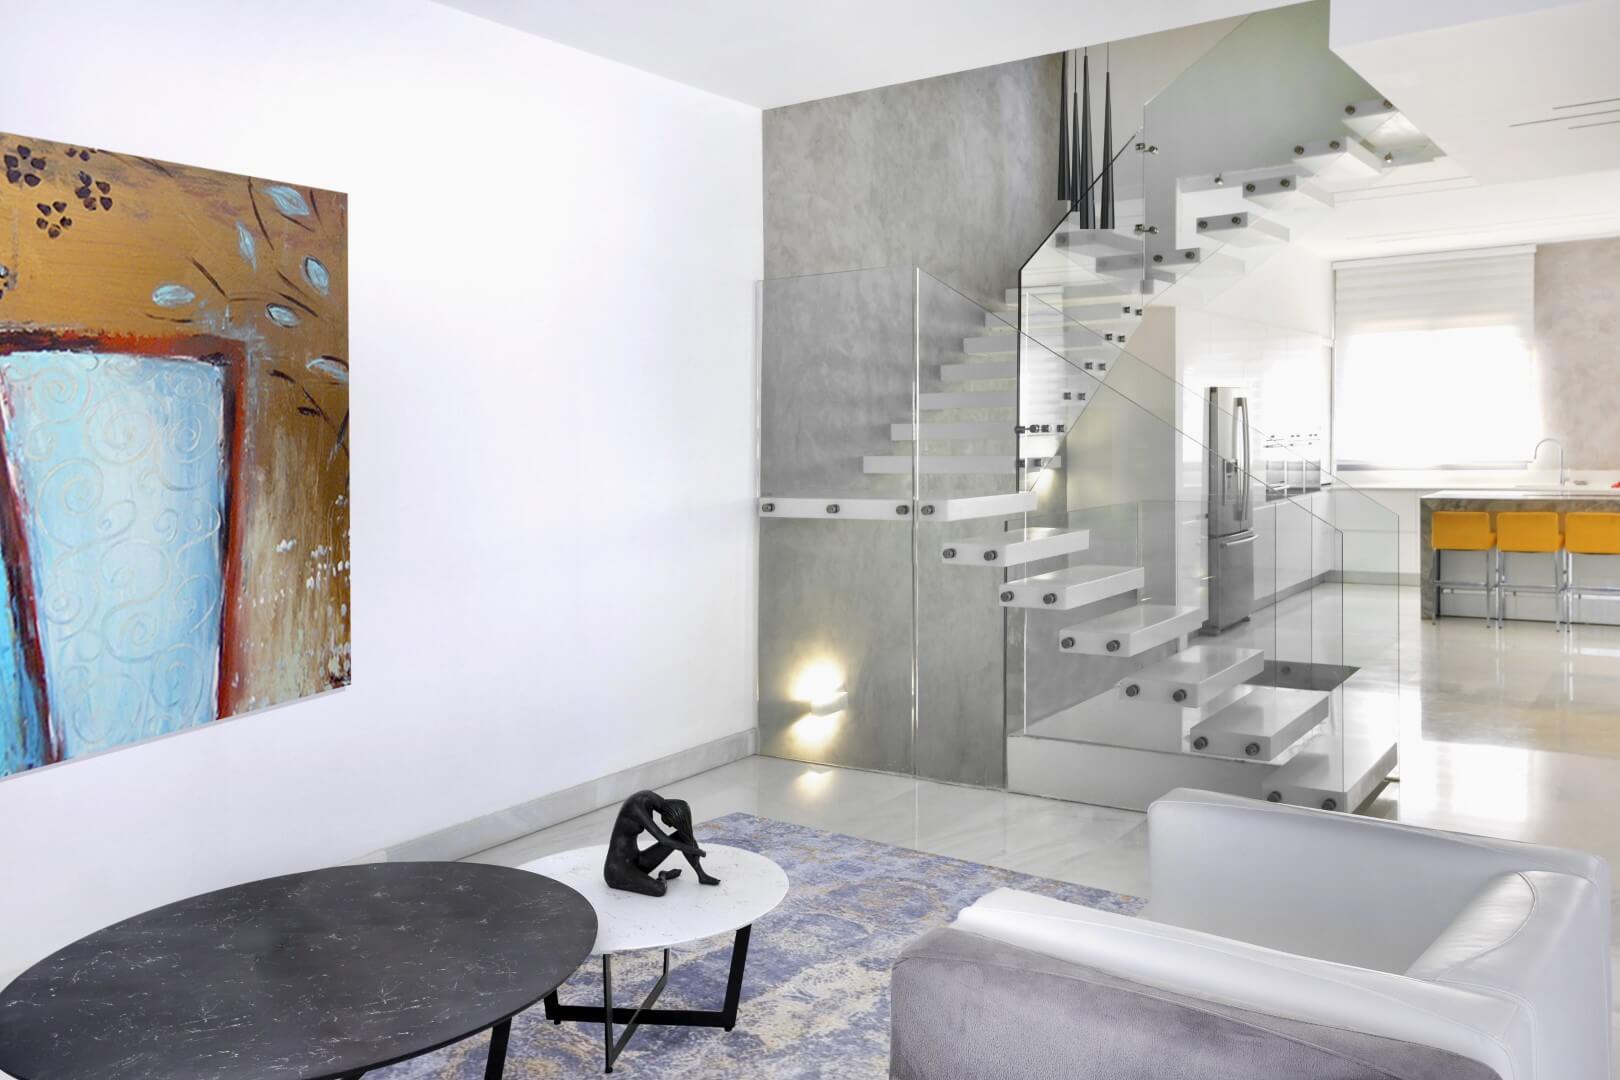 מבט צד על 3 גרמי מדרגות מרחפות מקוריאן לבן על רקע קיר בגוון אפור בסלון